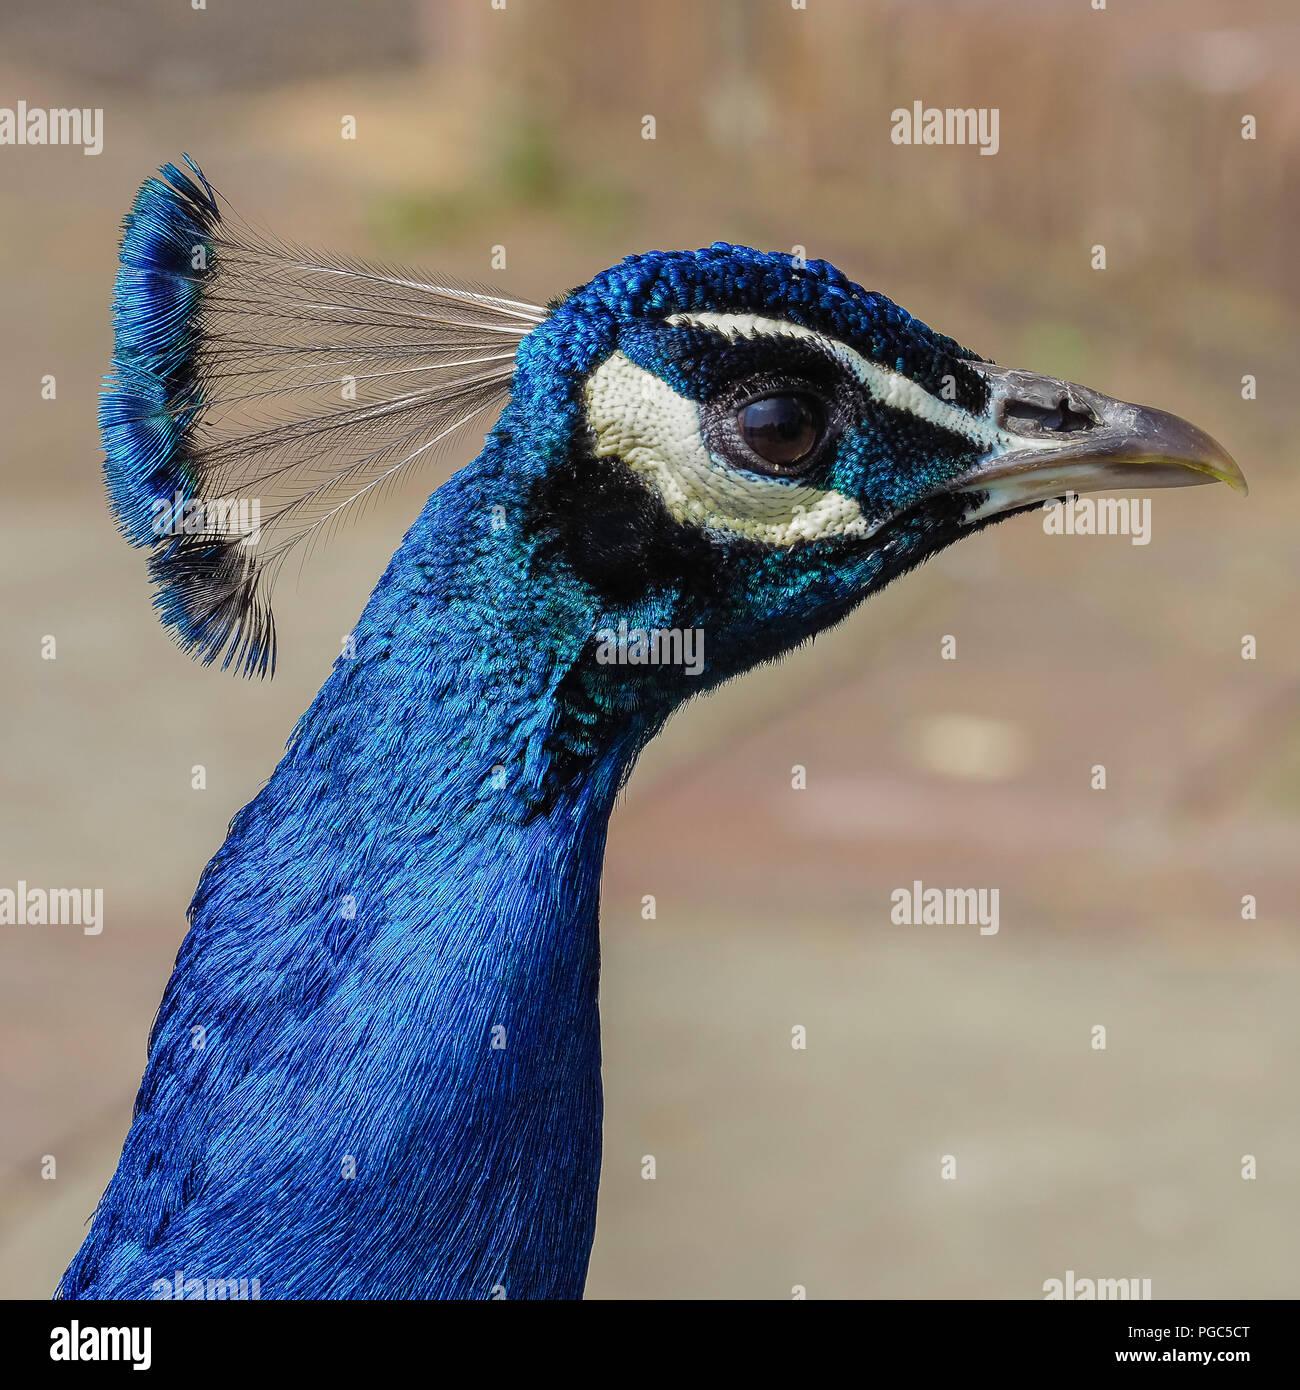 Paons Indiens captifs, Pavo cristatus, montrant chef cimier bleu et vert bleu irisé plumage, Leeds Castle, Kent, Angleterre Photo Stock